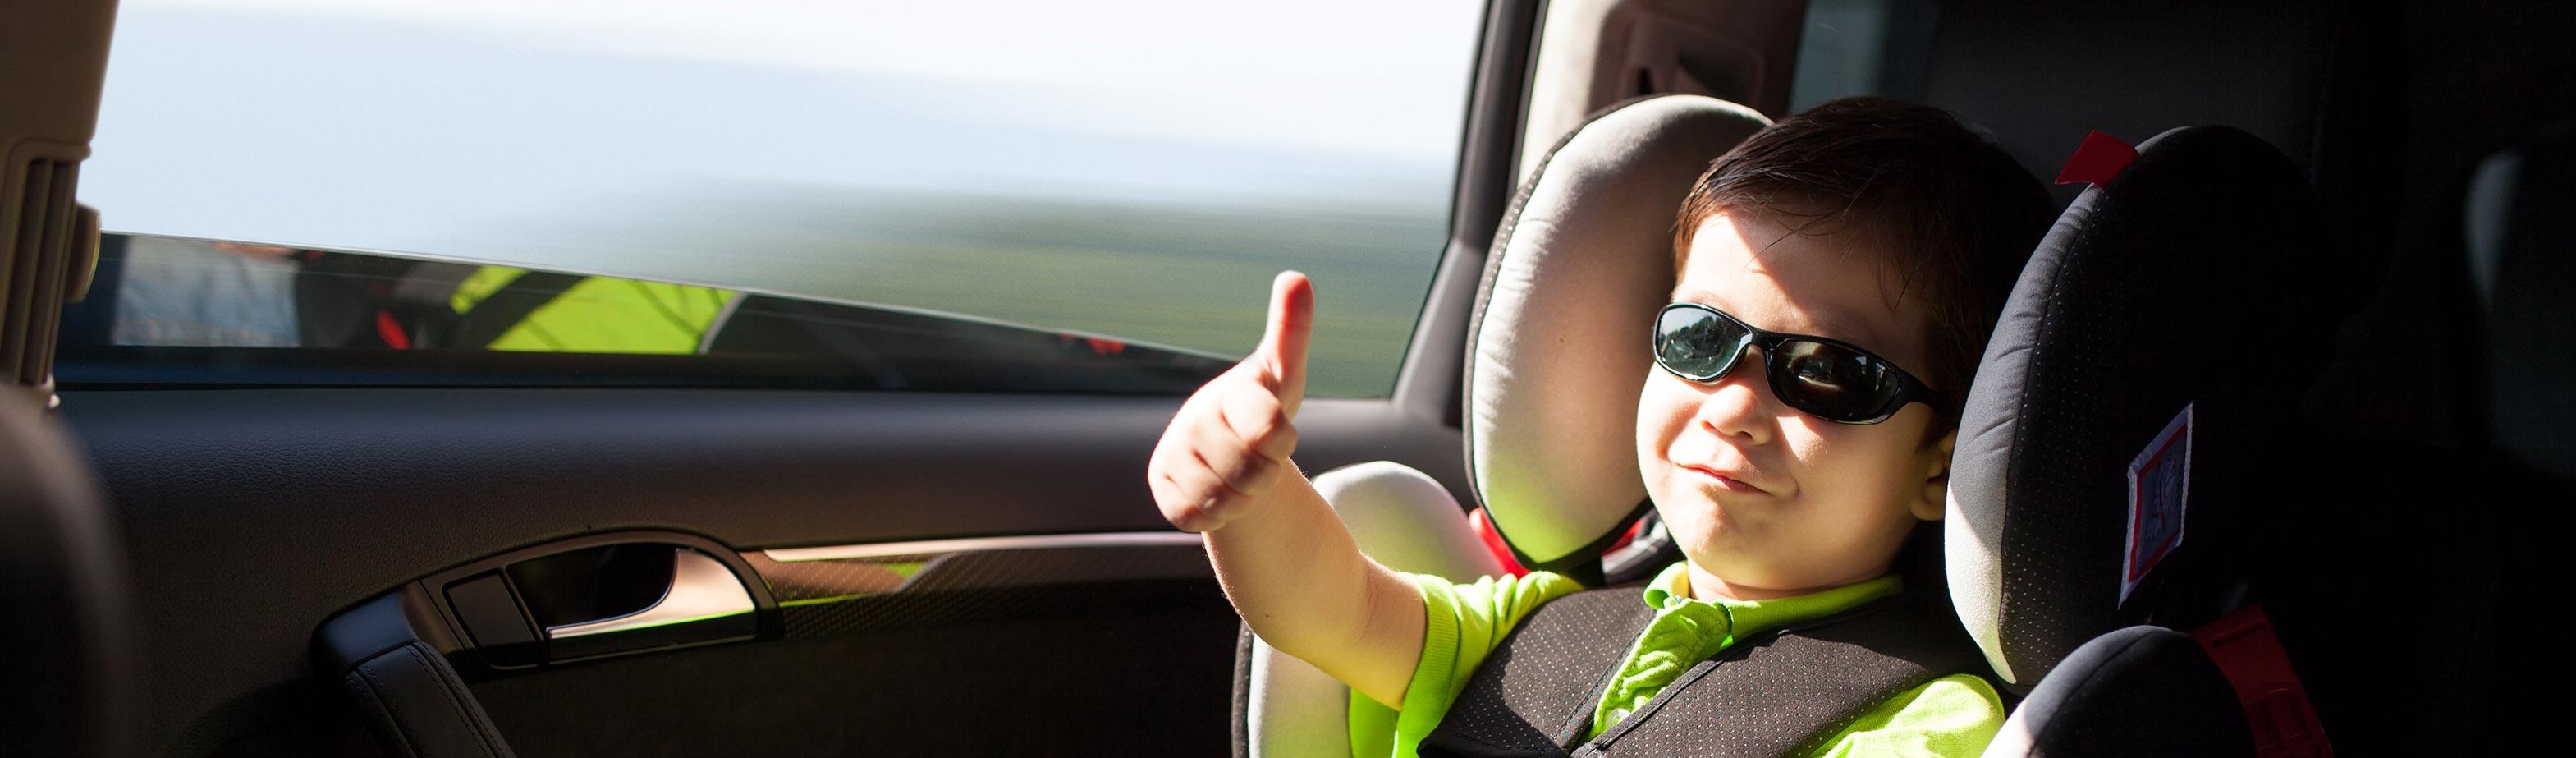 Autovision garantit votre sécurité sur la route